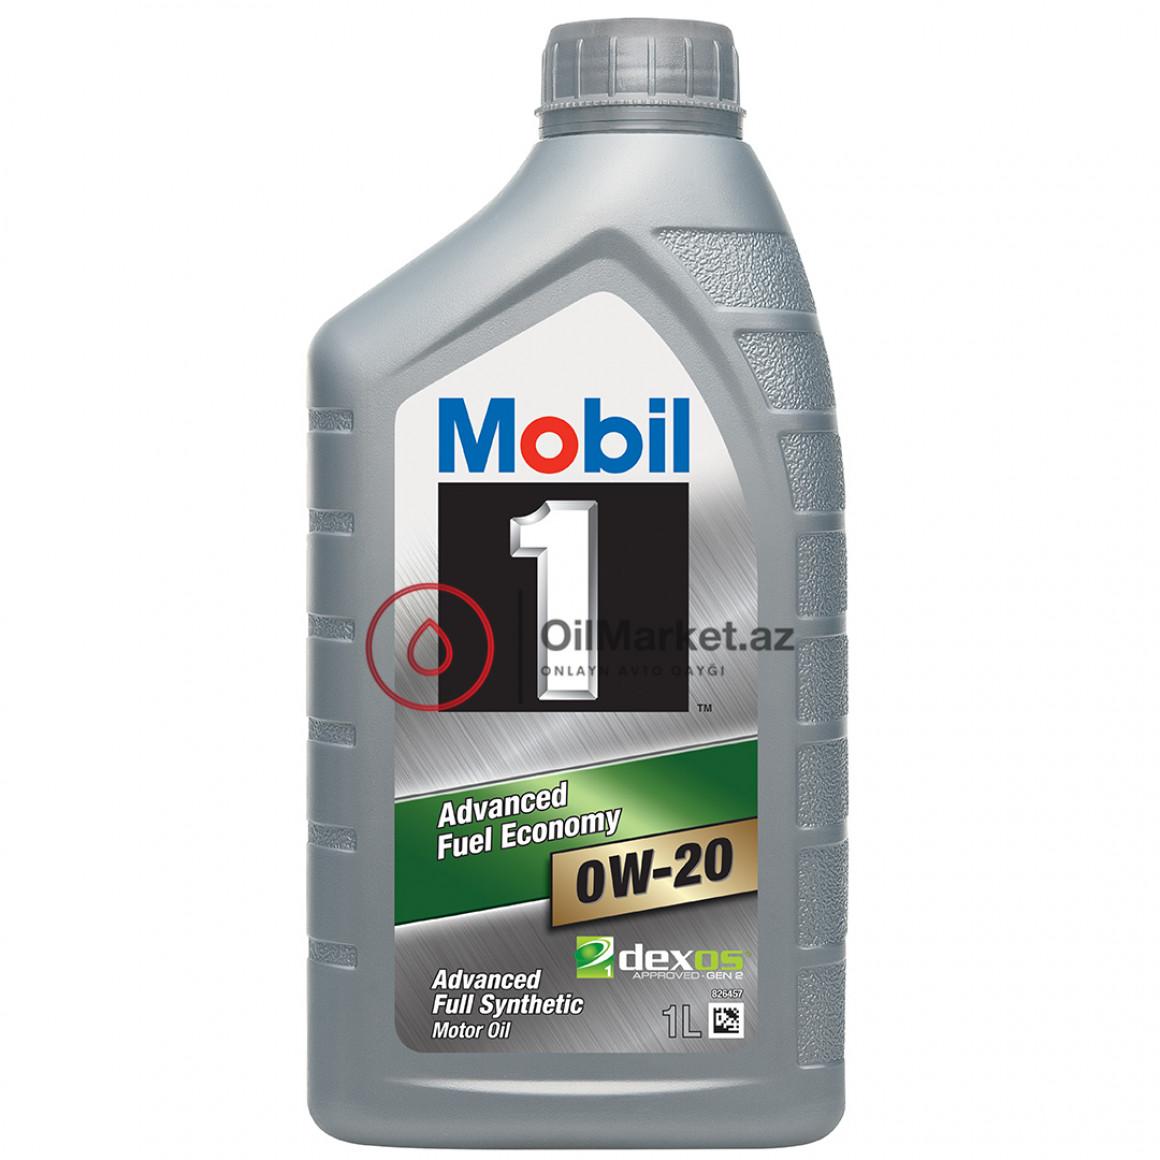 Mobil 1 0W-20 - 1 Lt